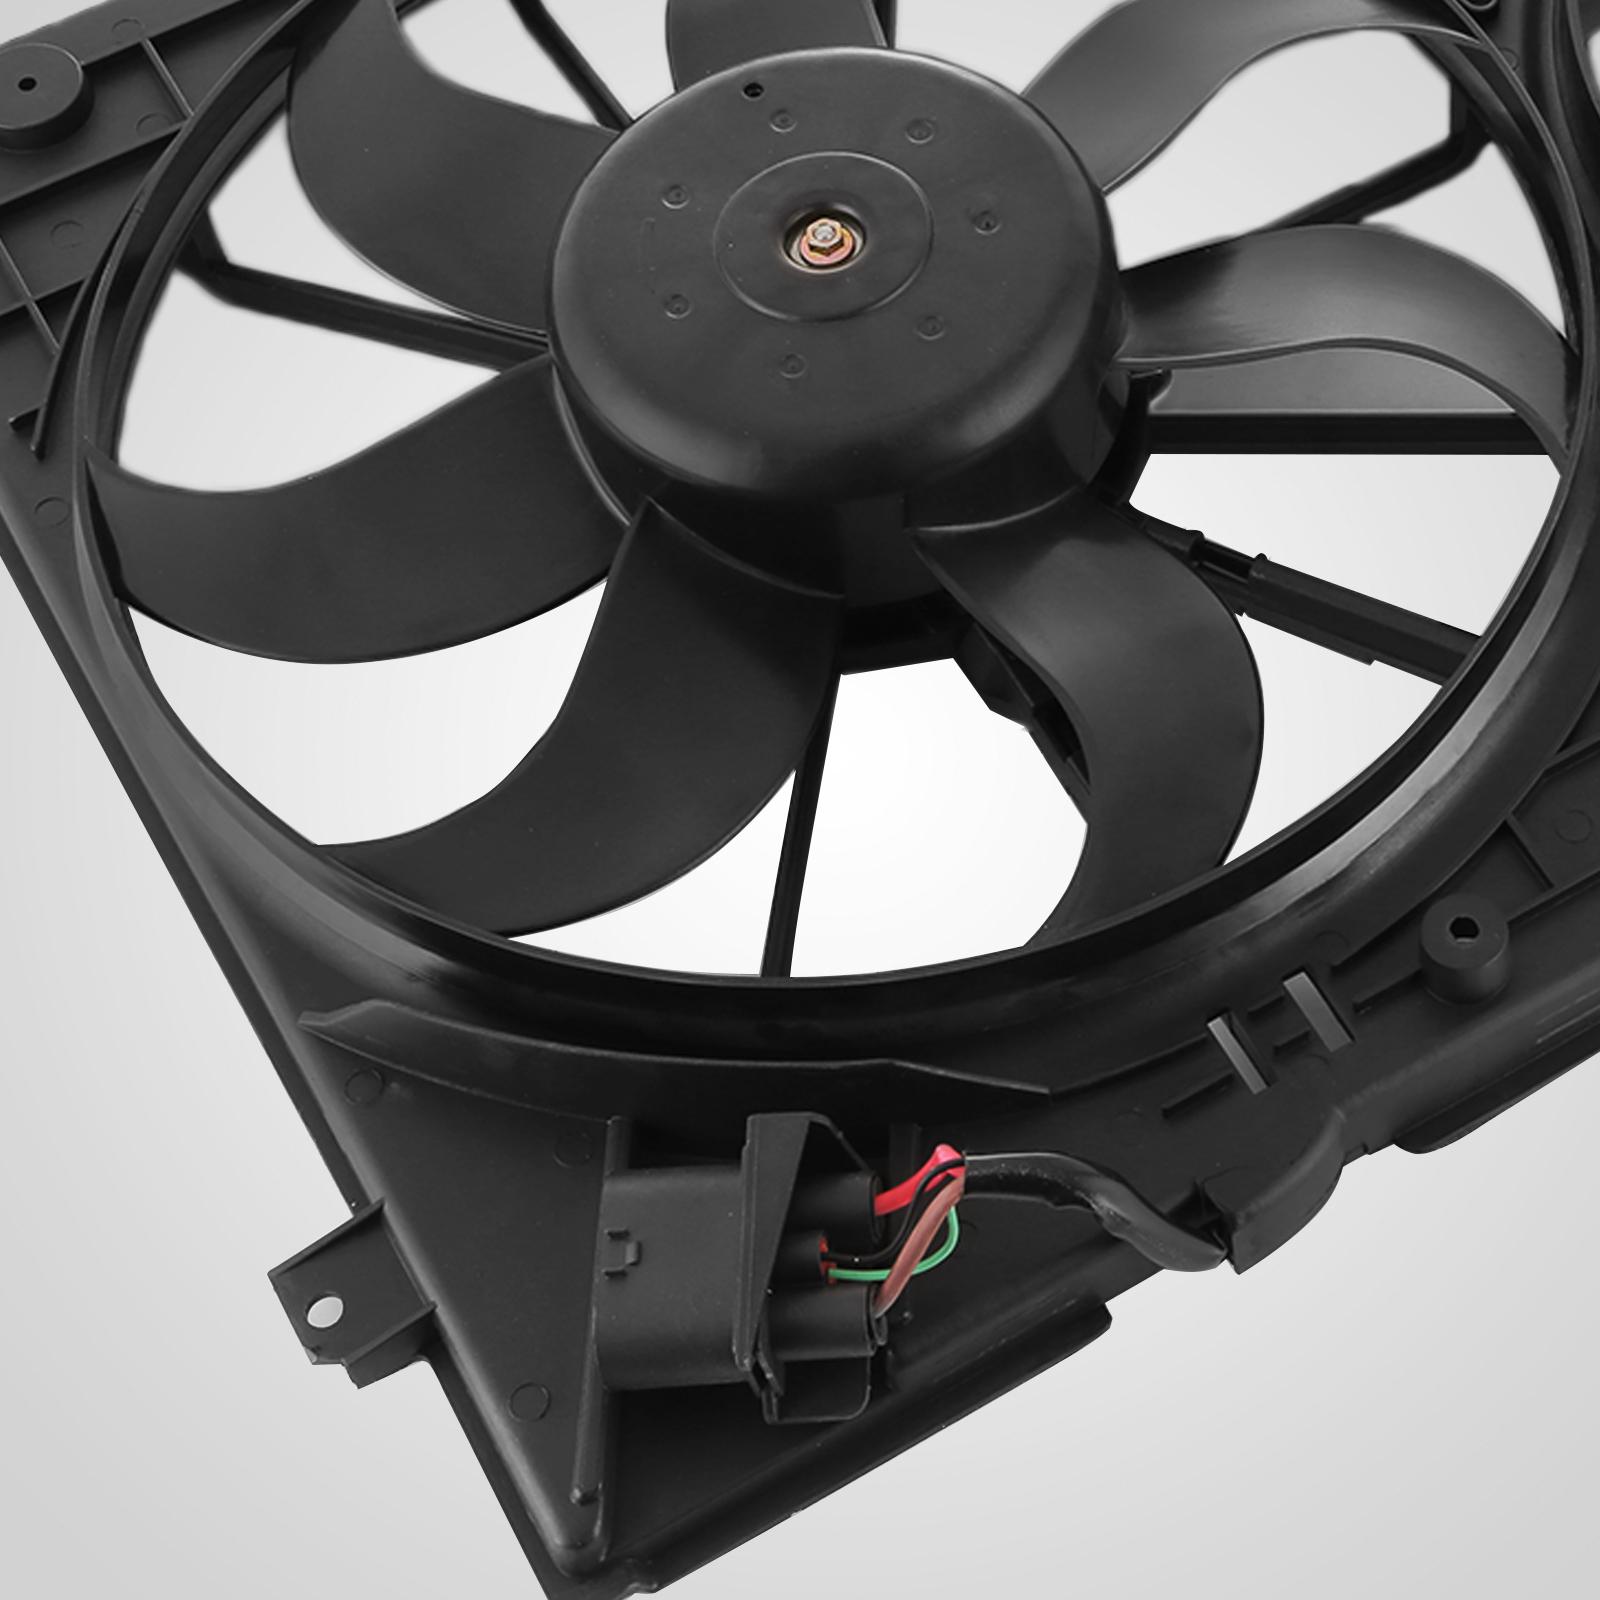 Radiator Cooling Dual Fan For Audi A3 VW Jetta CC Gtieos Beetle 1.8L1.9L 2.0L